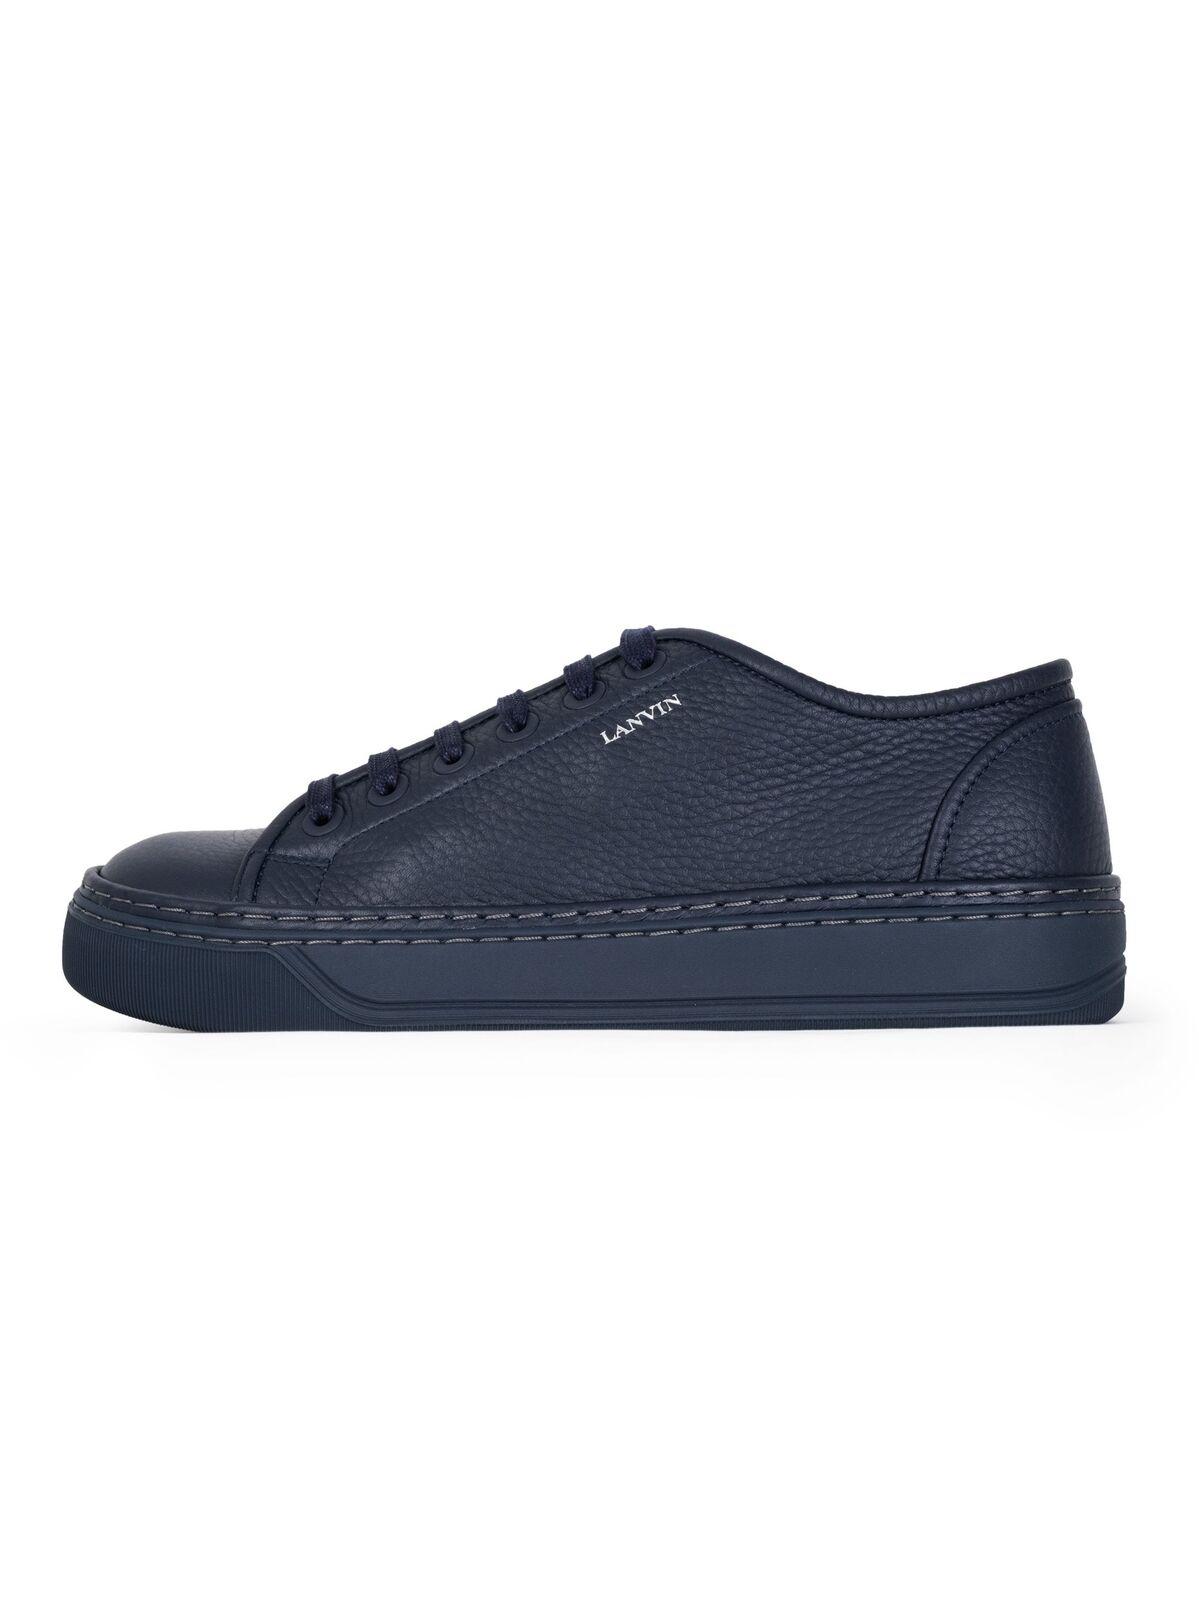 Lanvin bluee Grained Bull Calfskin Low Sneaker